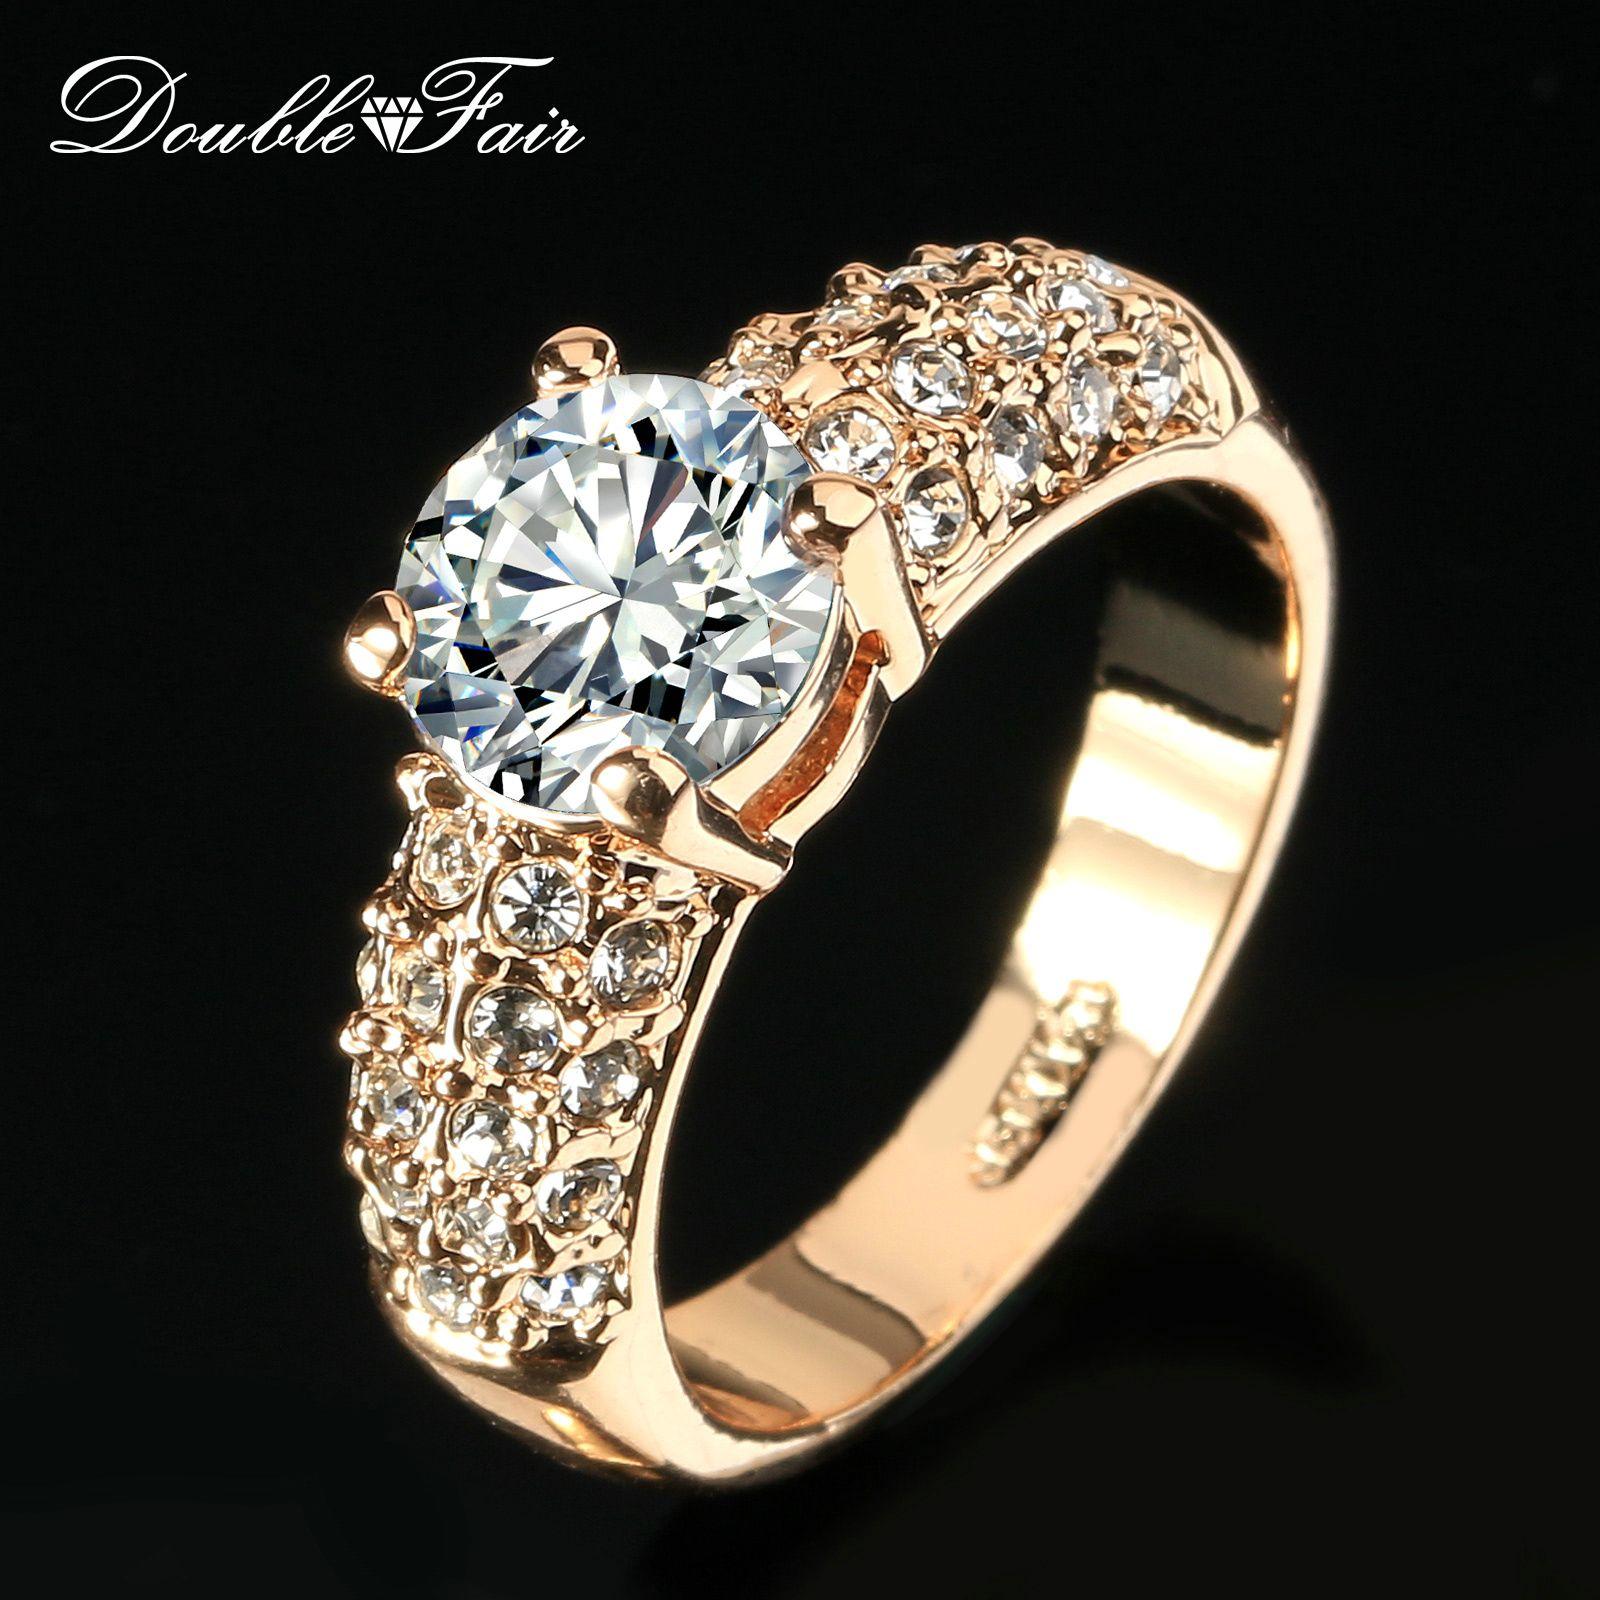 double fair de promiso anillos de bodas cúbico zirconia de